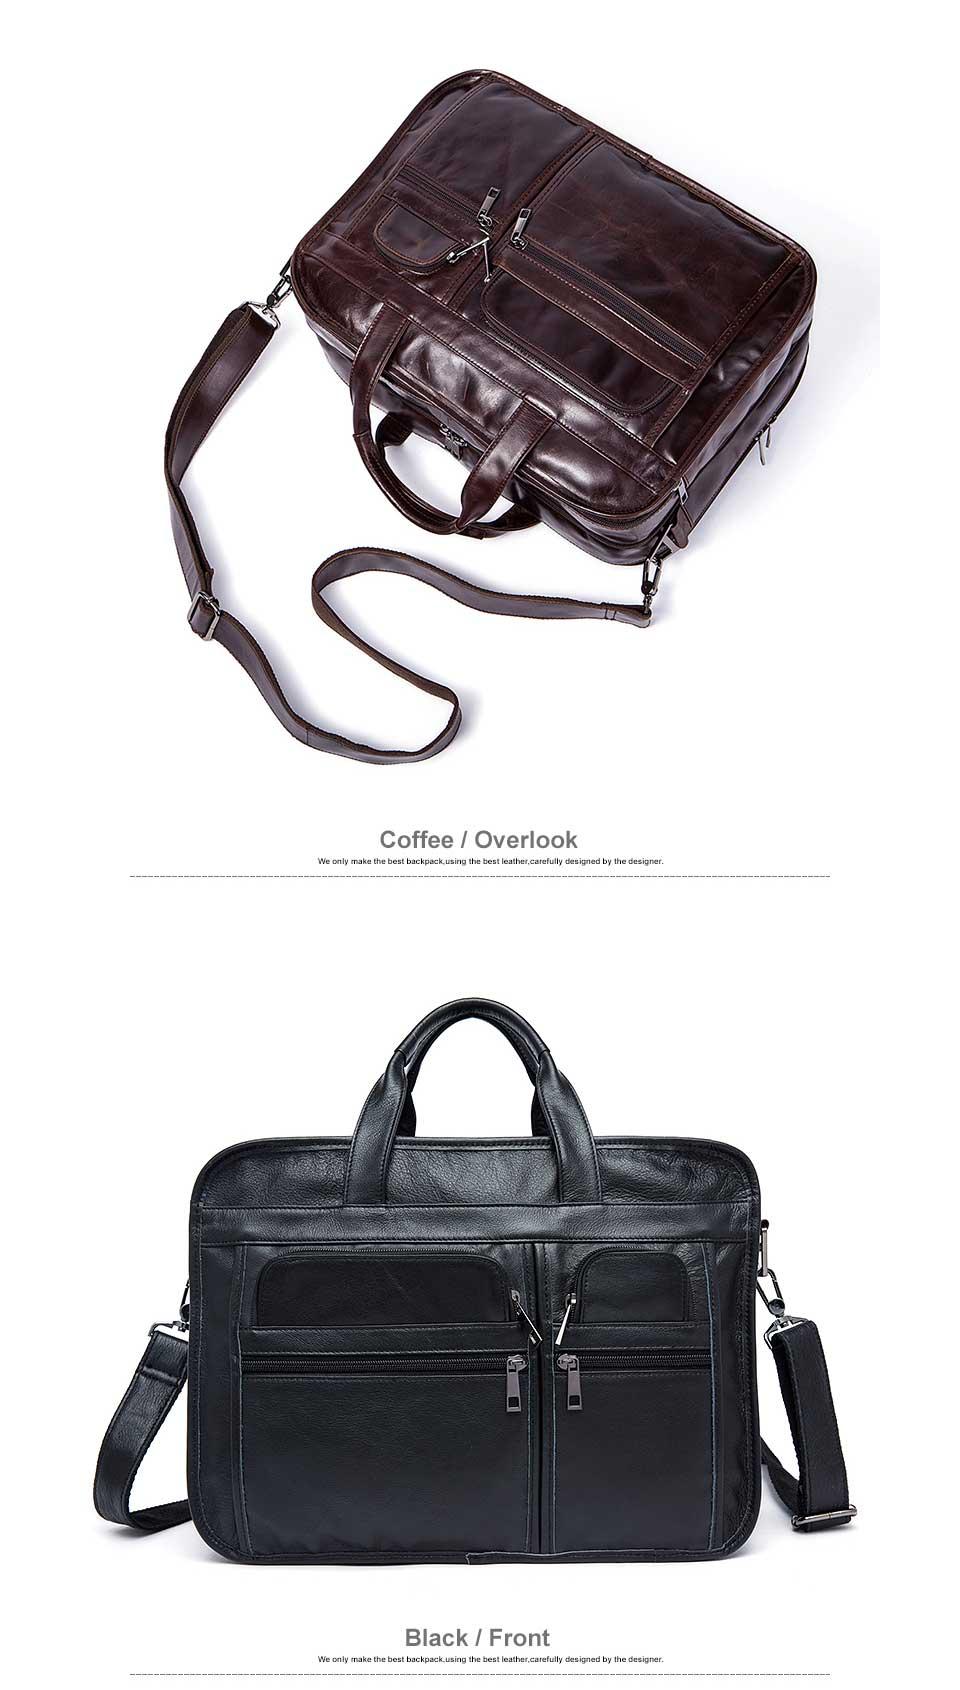 HTB1dECPg4rI8KJjy0Fpq6z5hVXaE WESTAL men's genuine leather bag for men's briefcase office bags for men leather laptop bag document business briefcase handbag